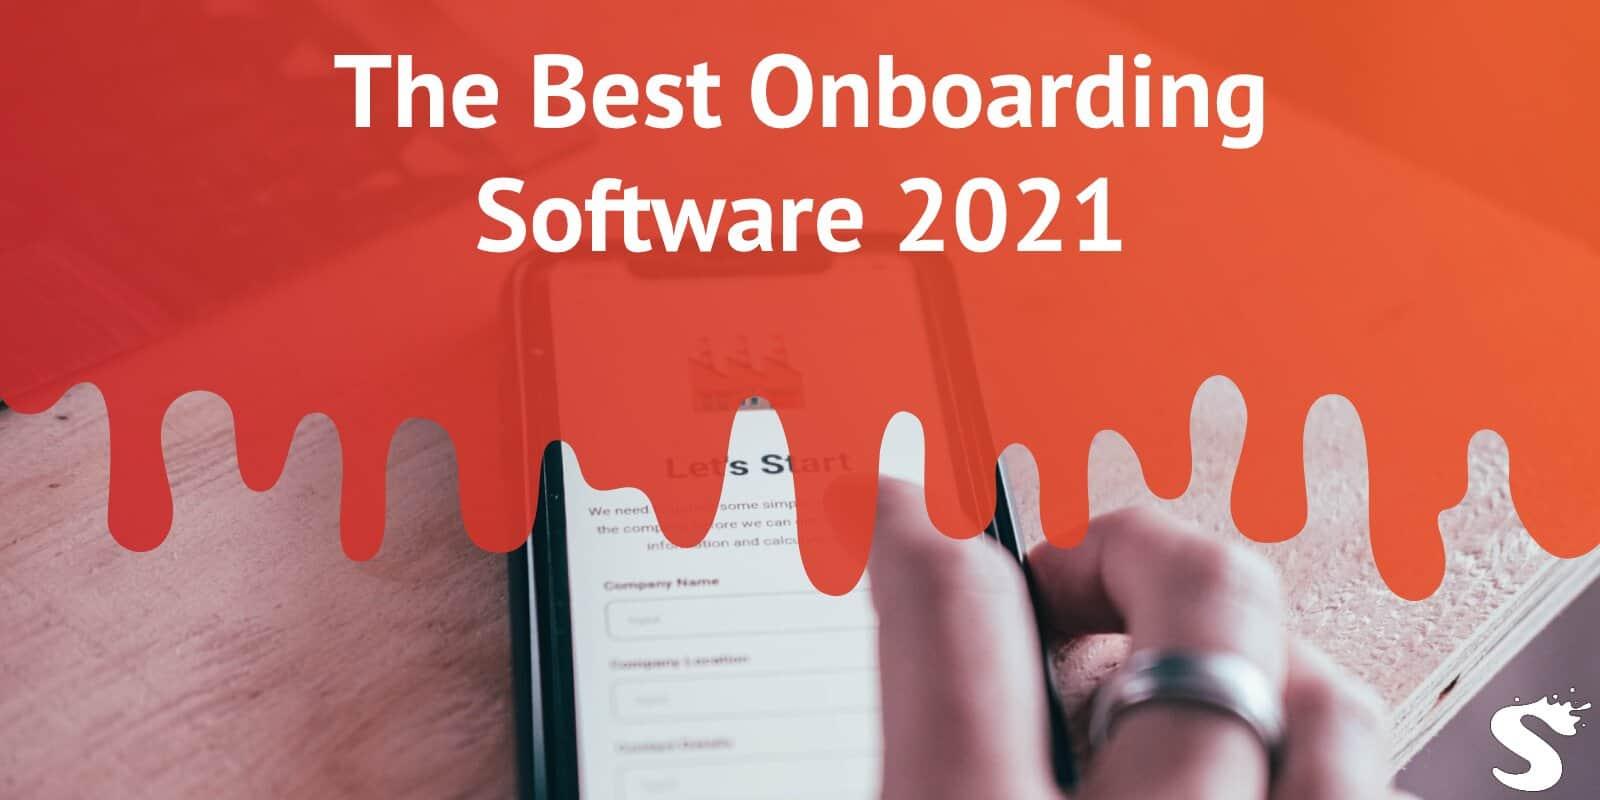 Best Onboarding Software 2021